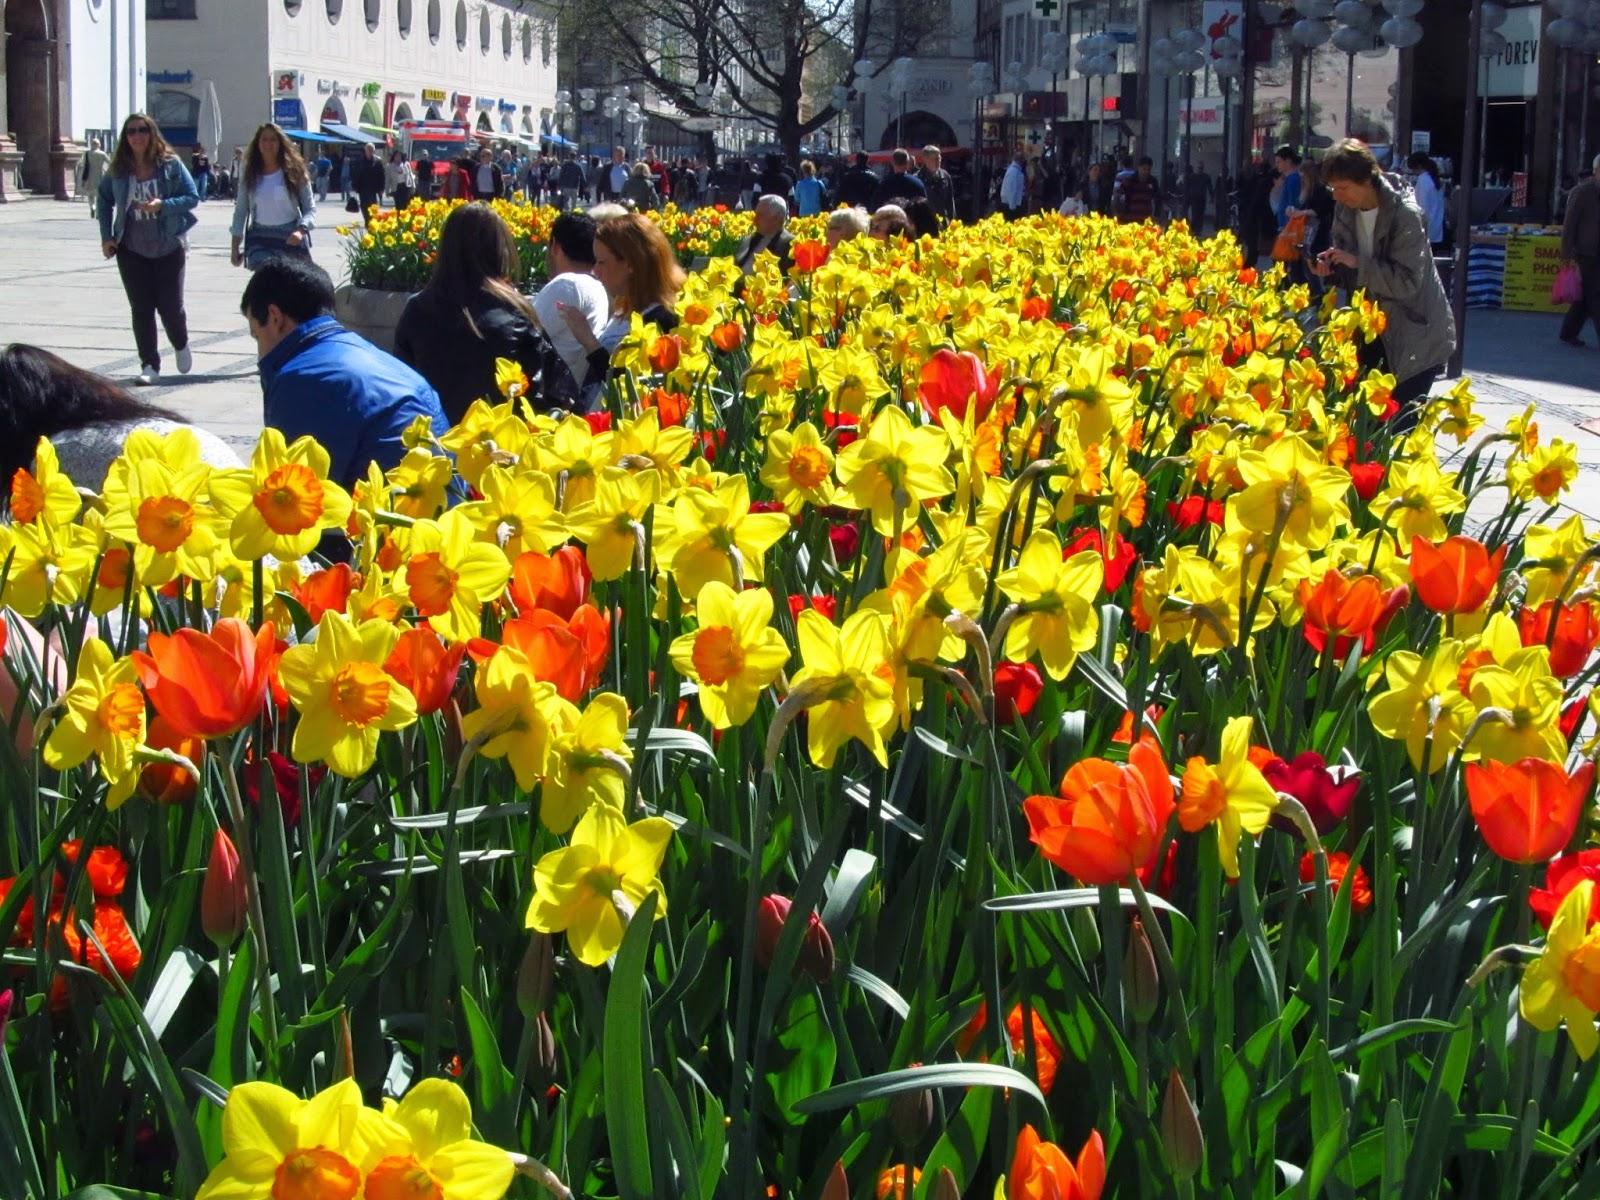 картинки цветов уличных: